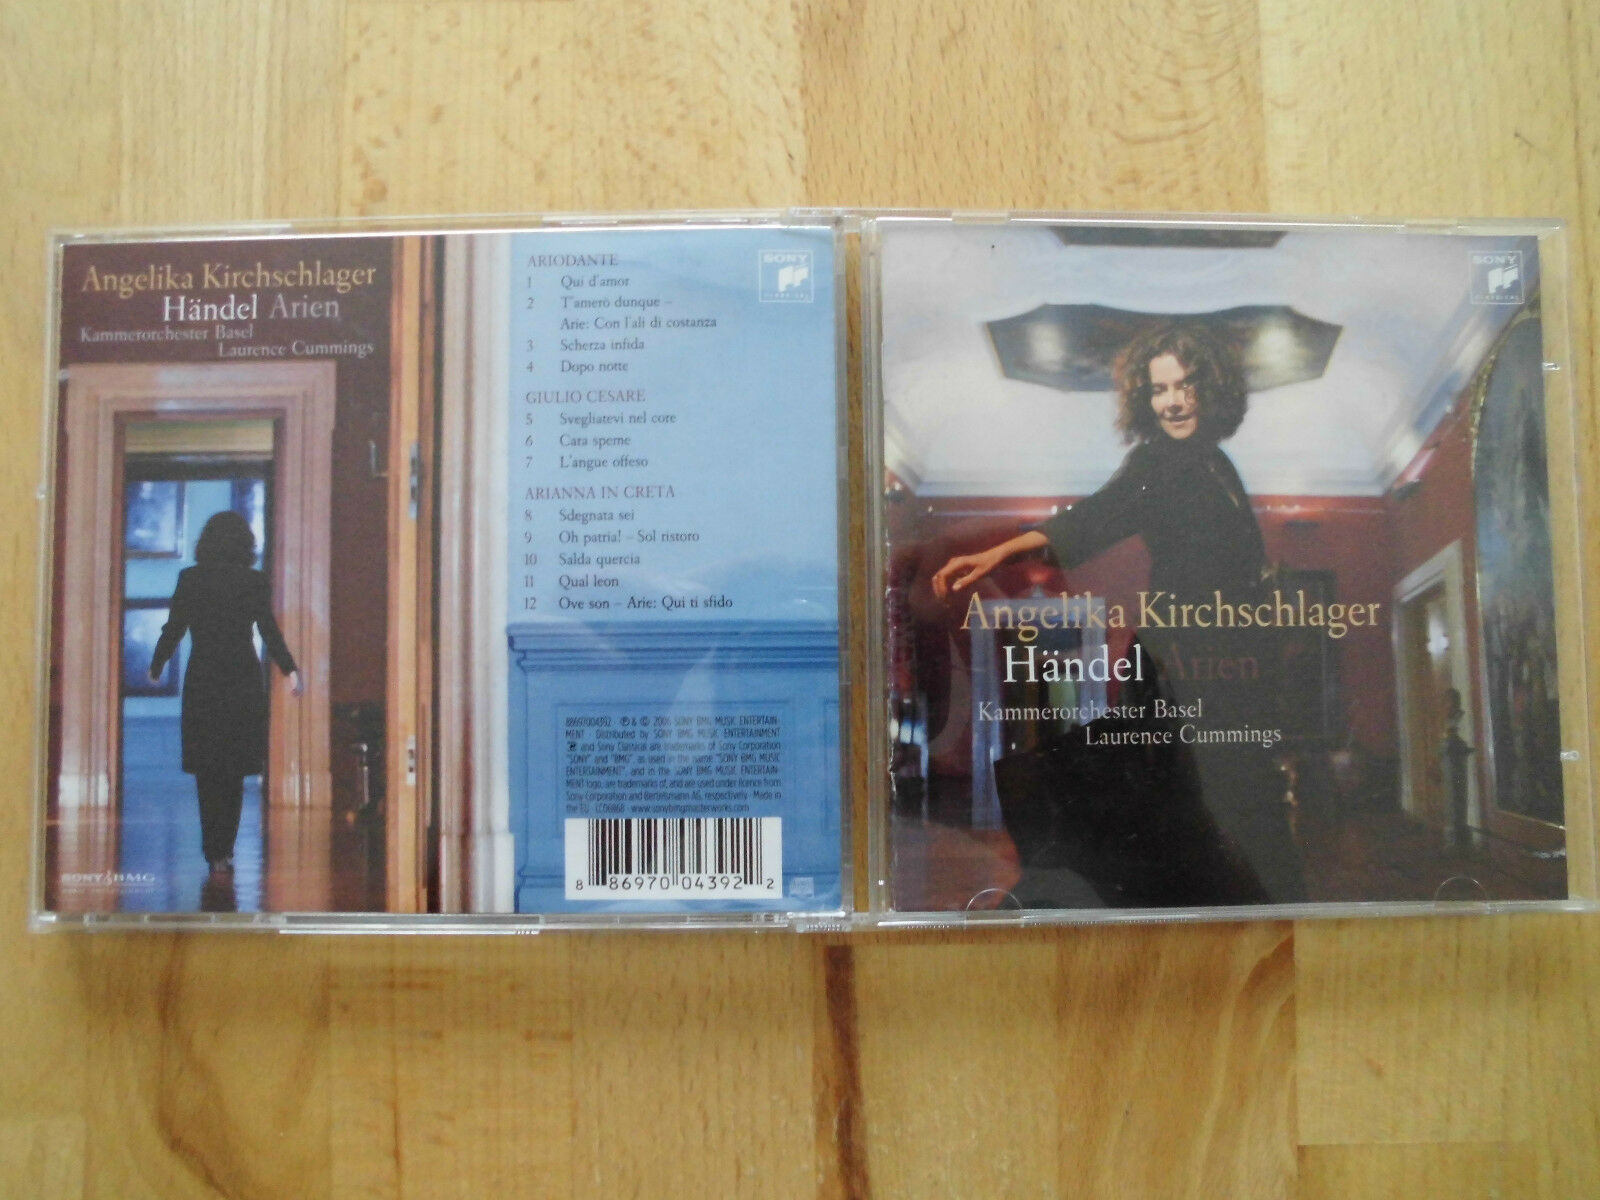 Angelika Kirchschlager singt Händel Arien ,, CD von 2006